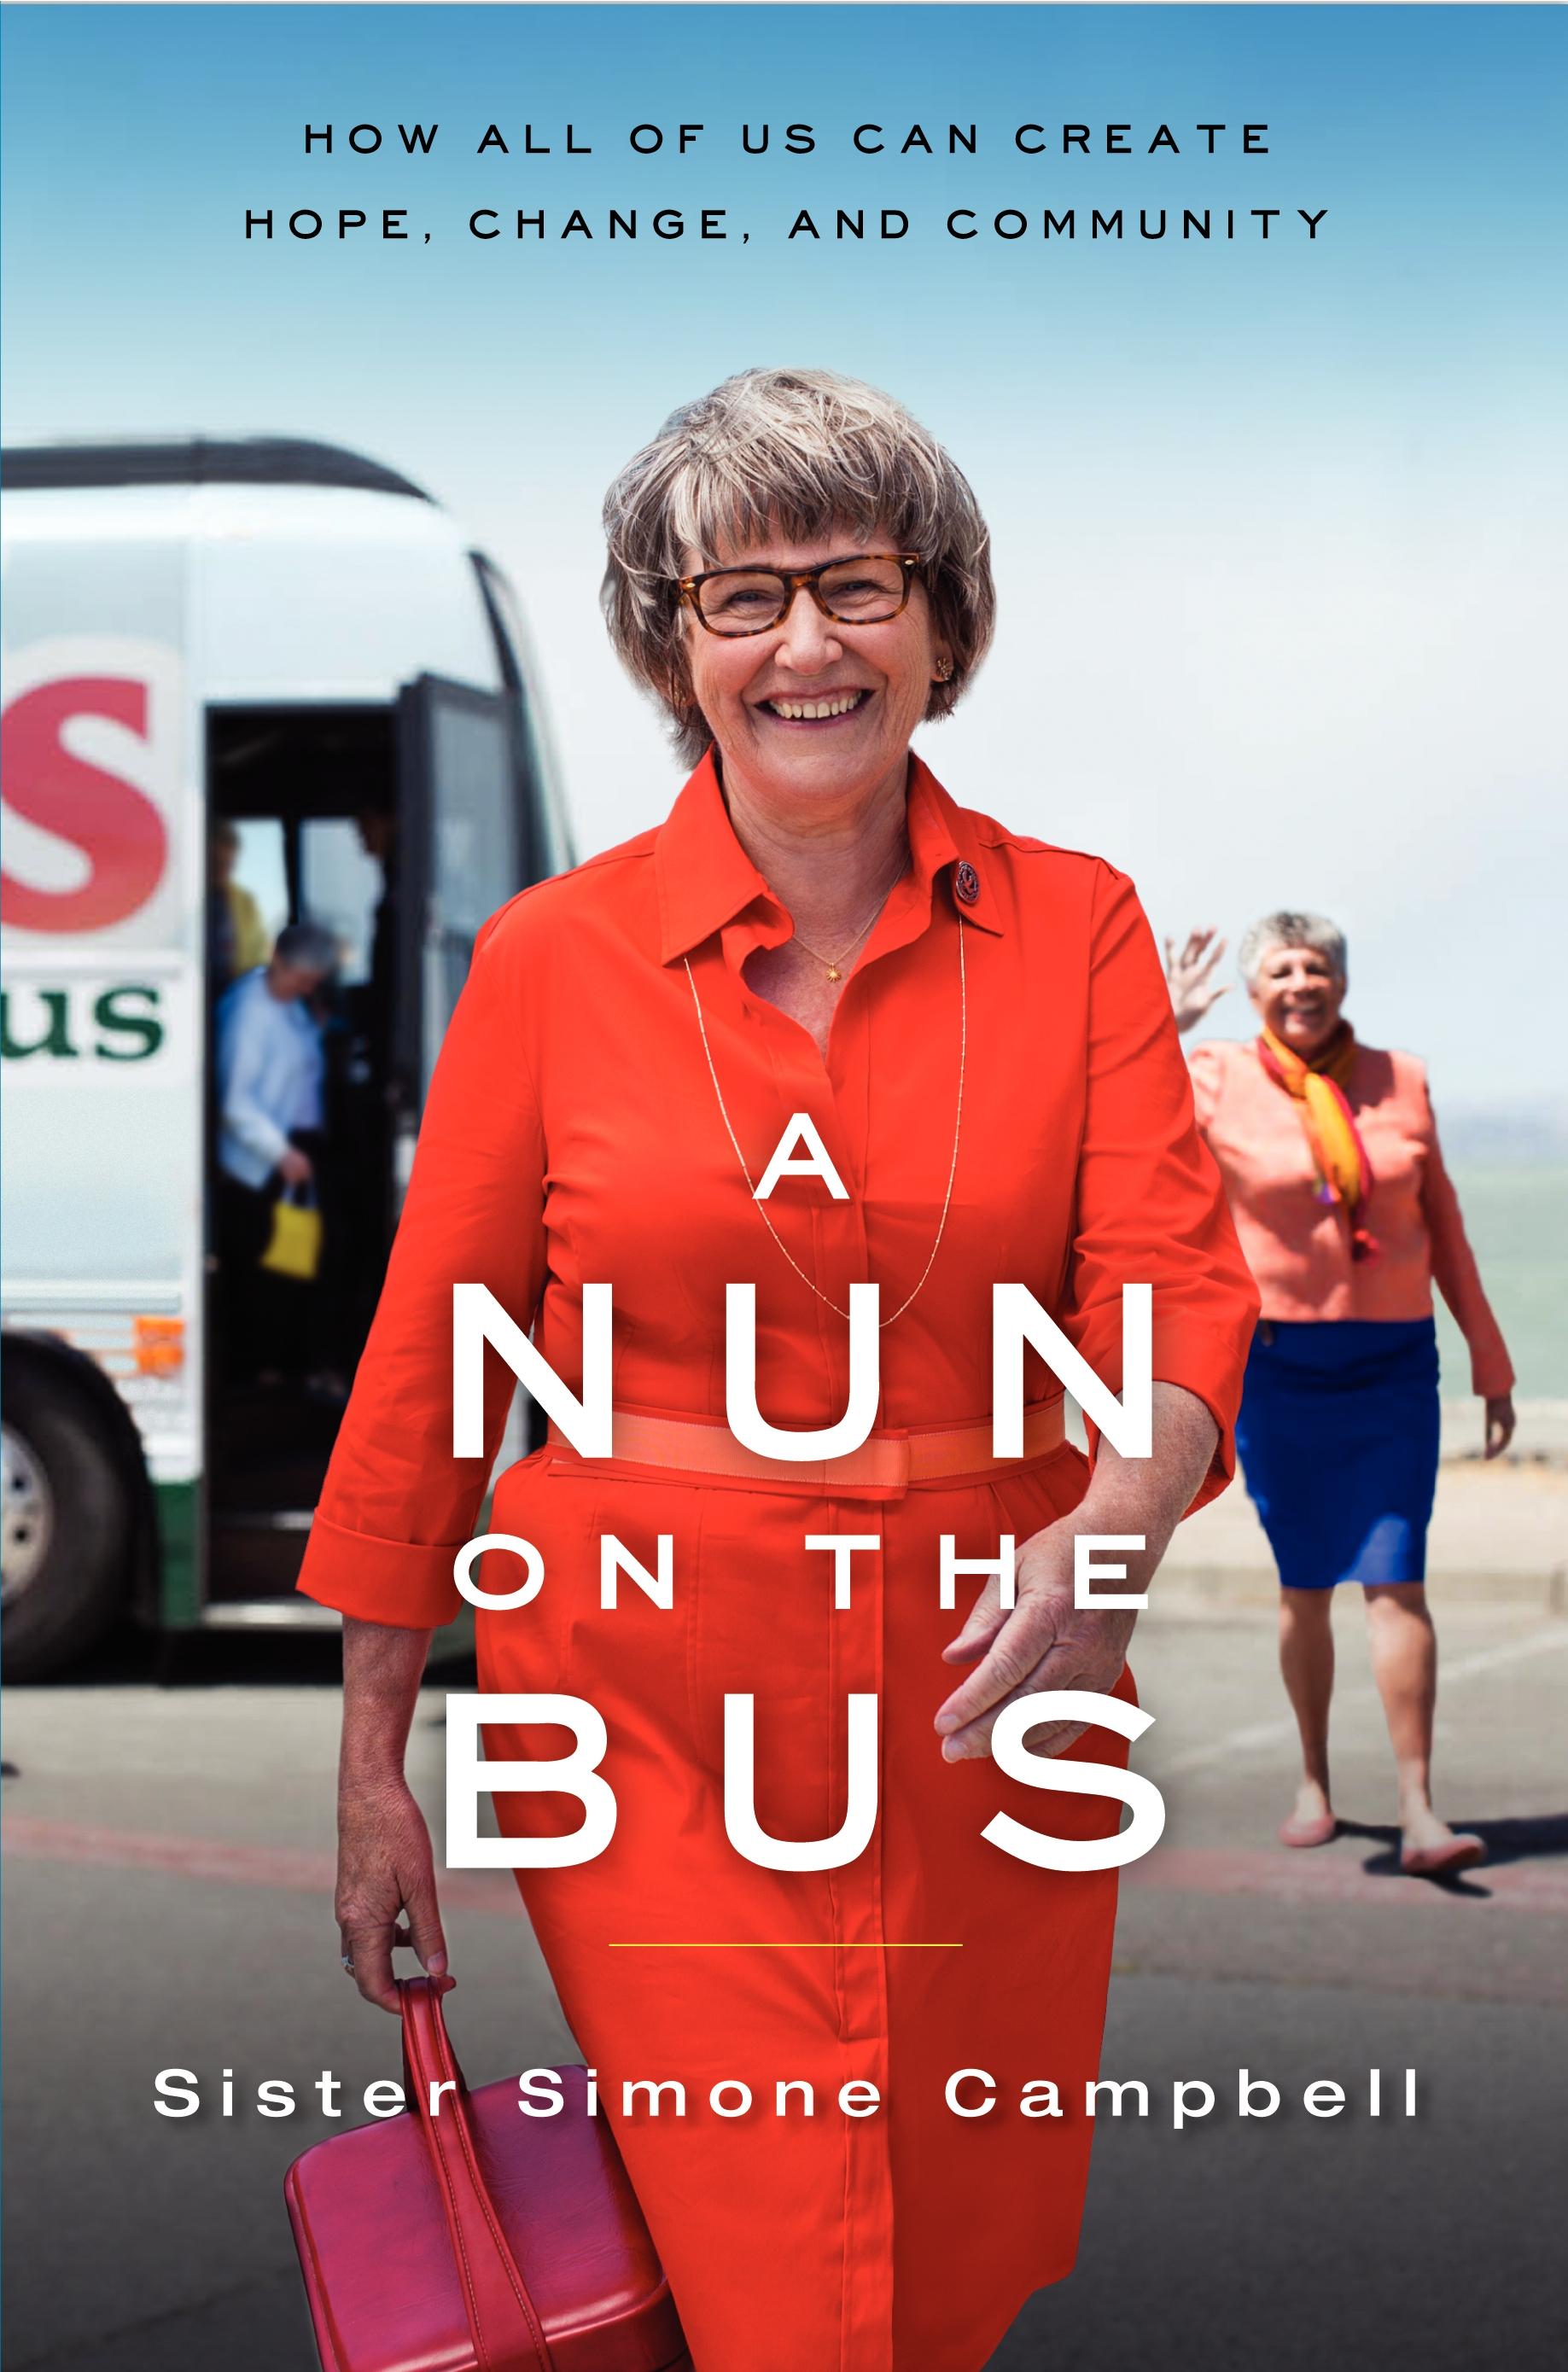 Sister Simone's Book: A Nun on the Bus